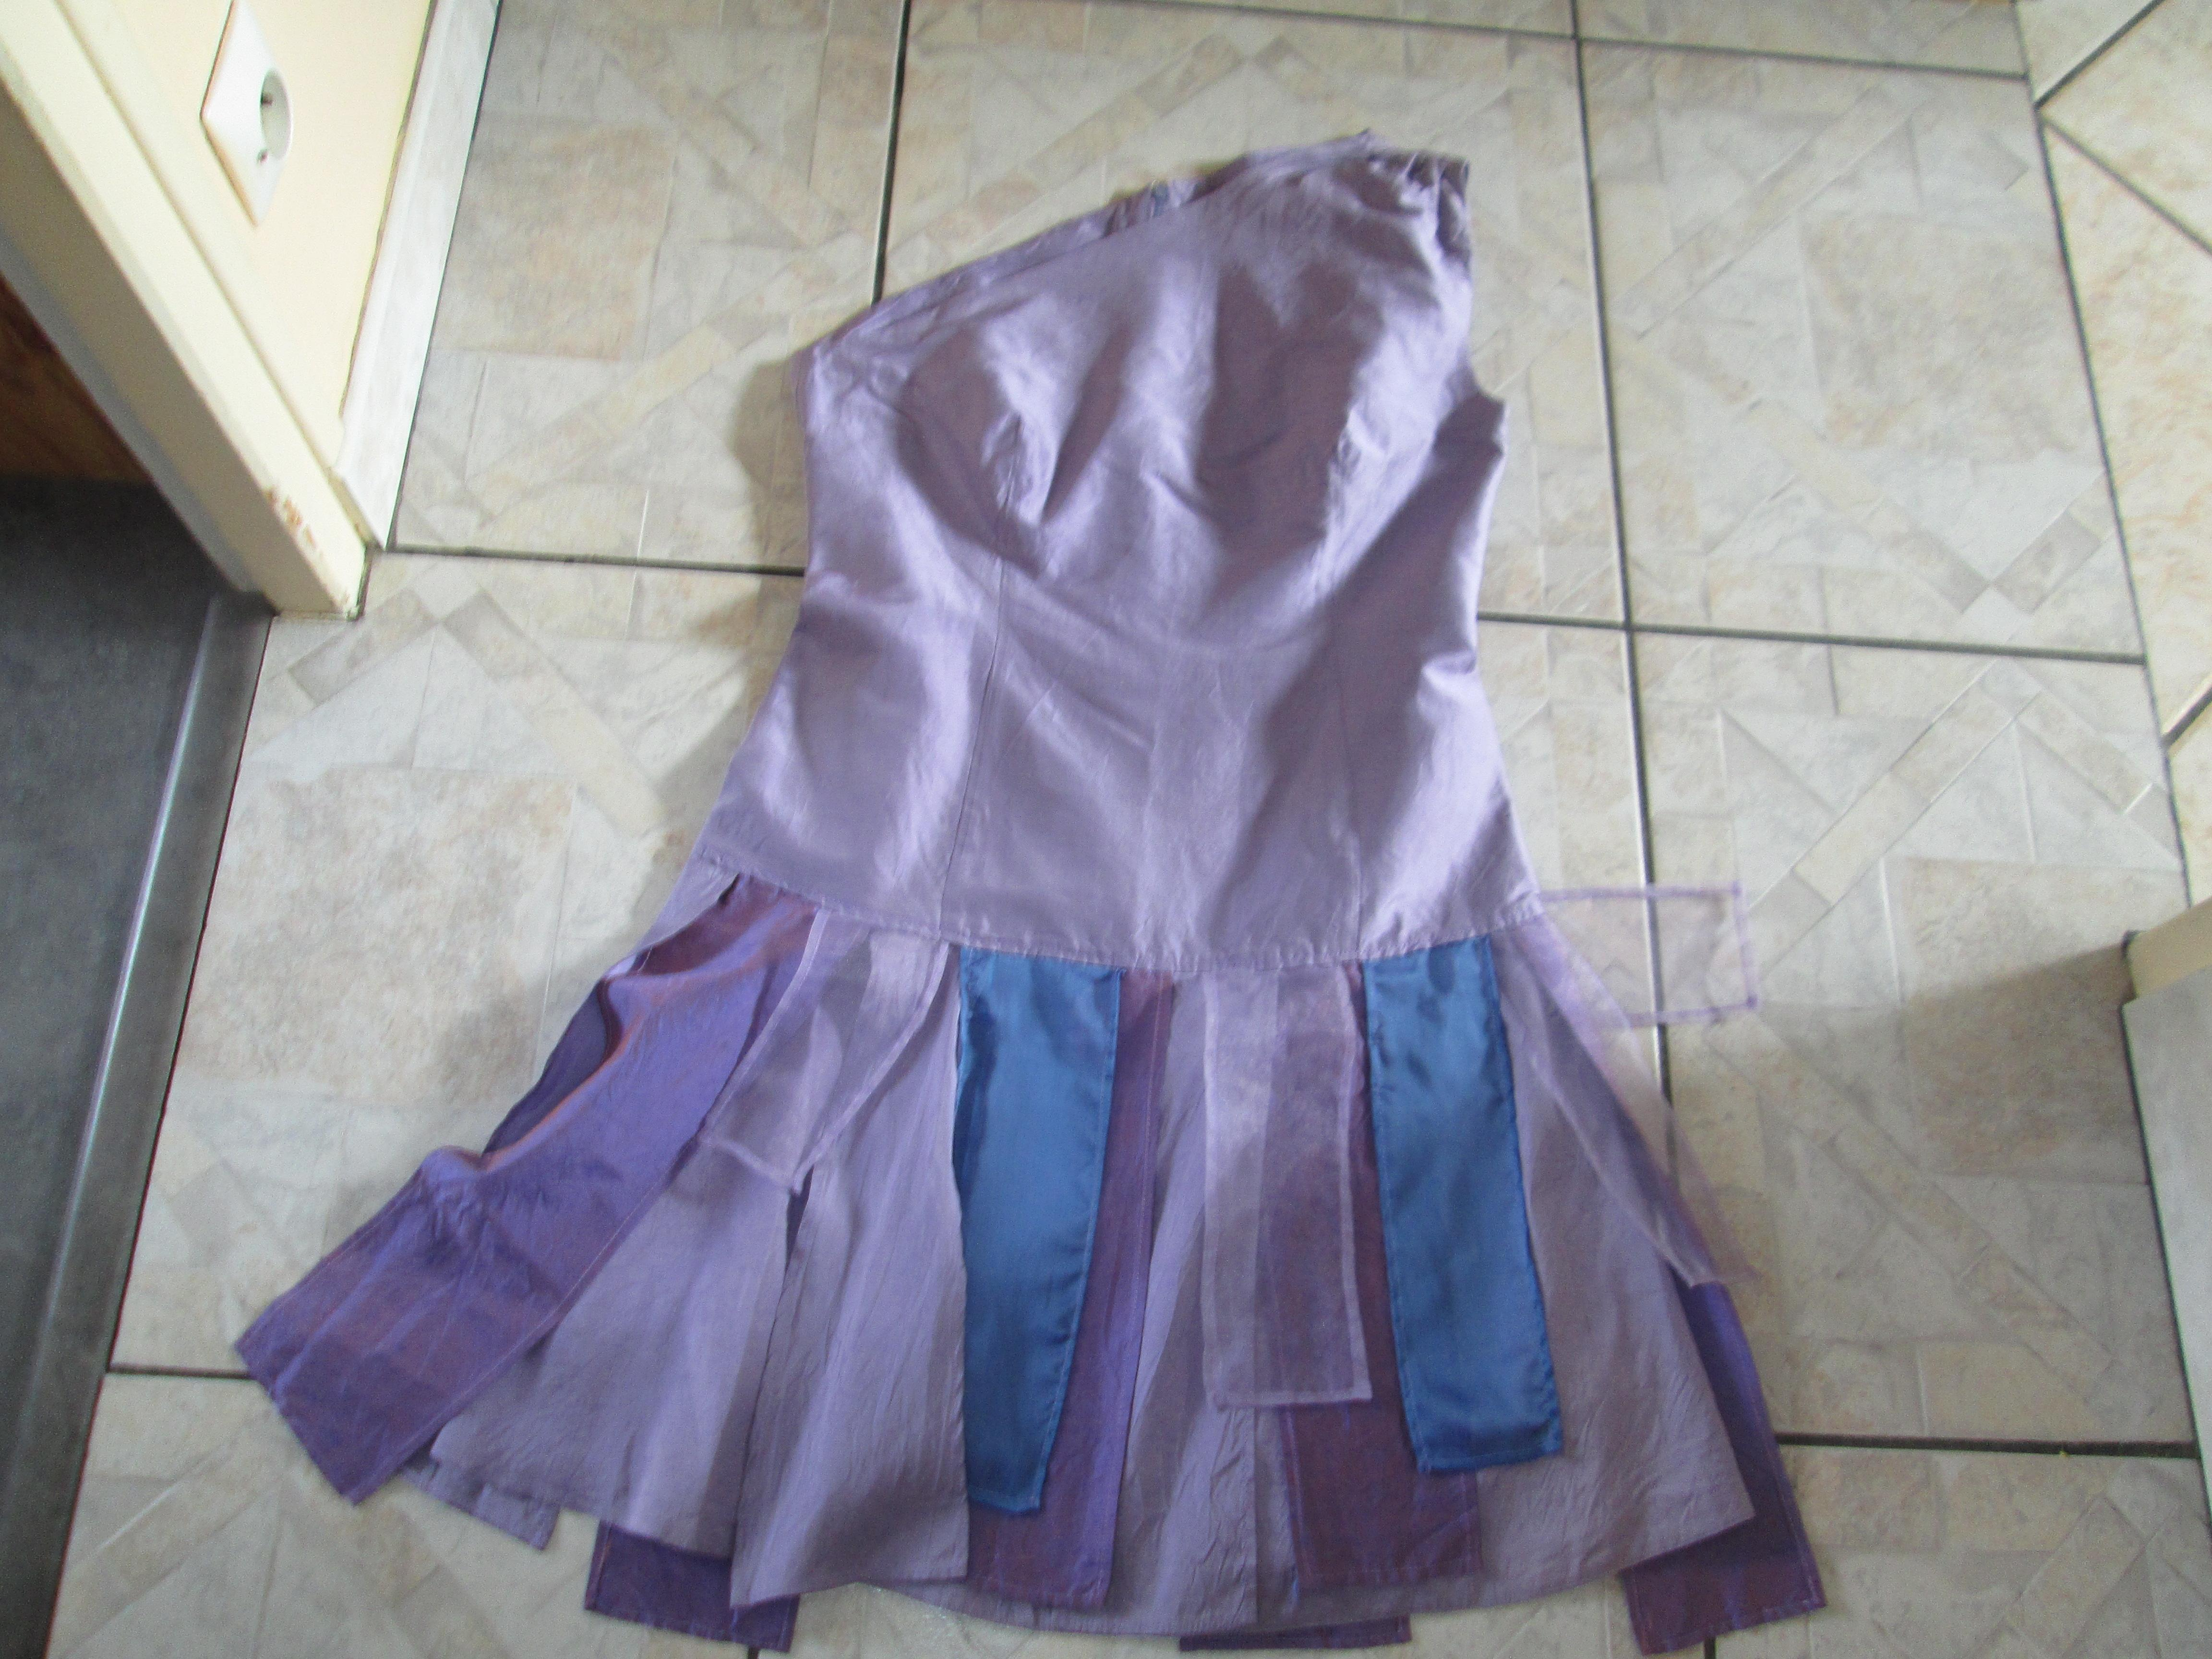 troc de troc robe en soie creation unique taille 40/42 avec son bolero image 0